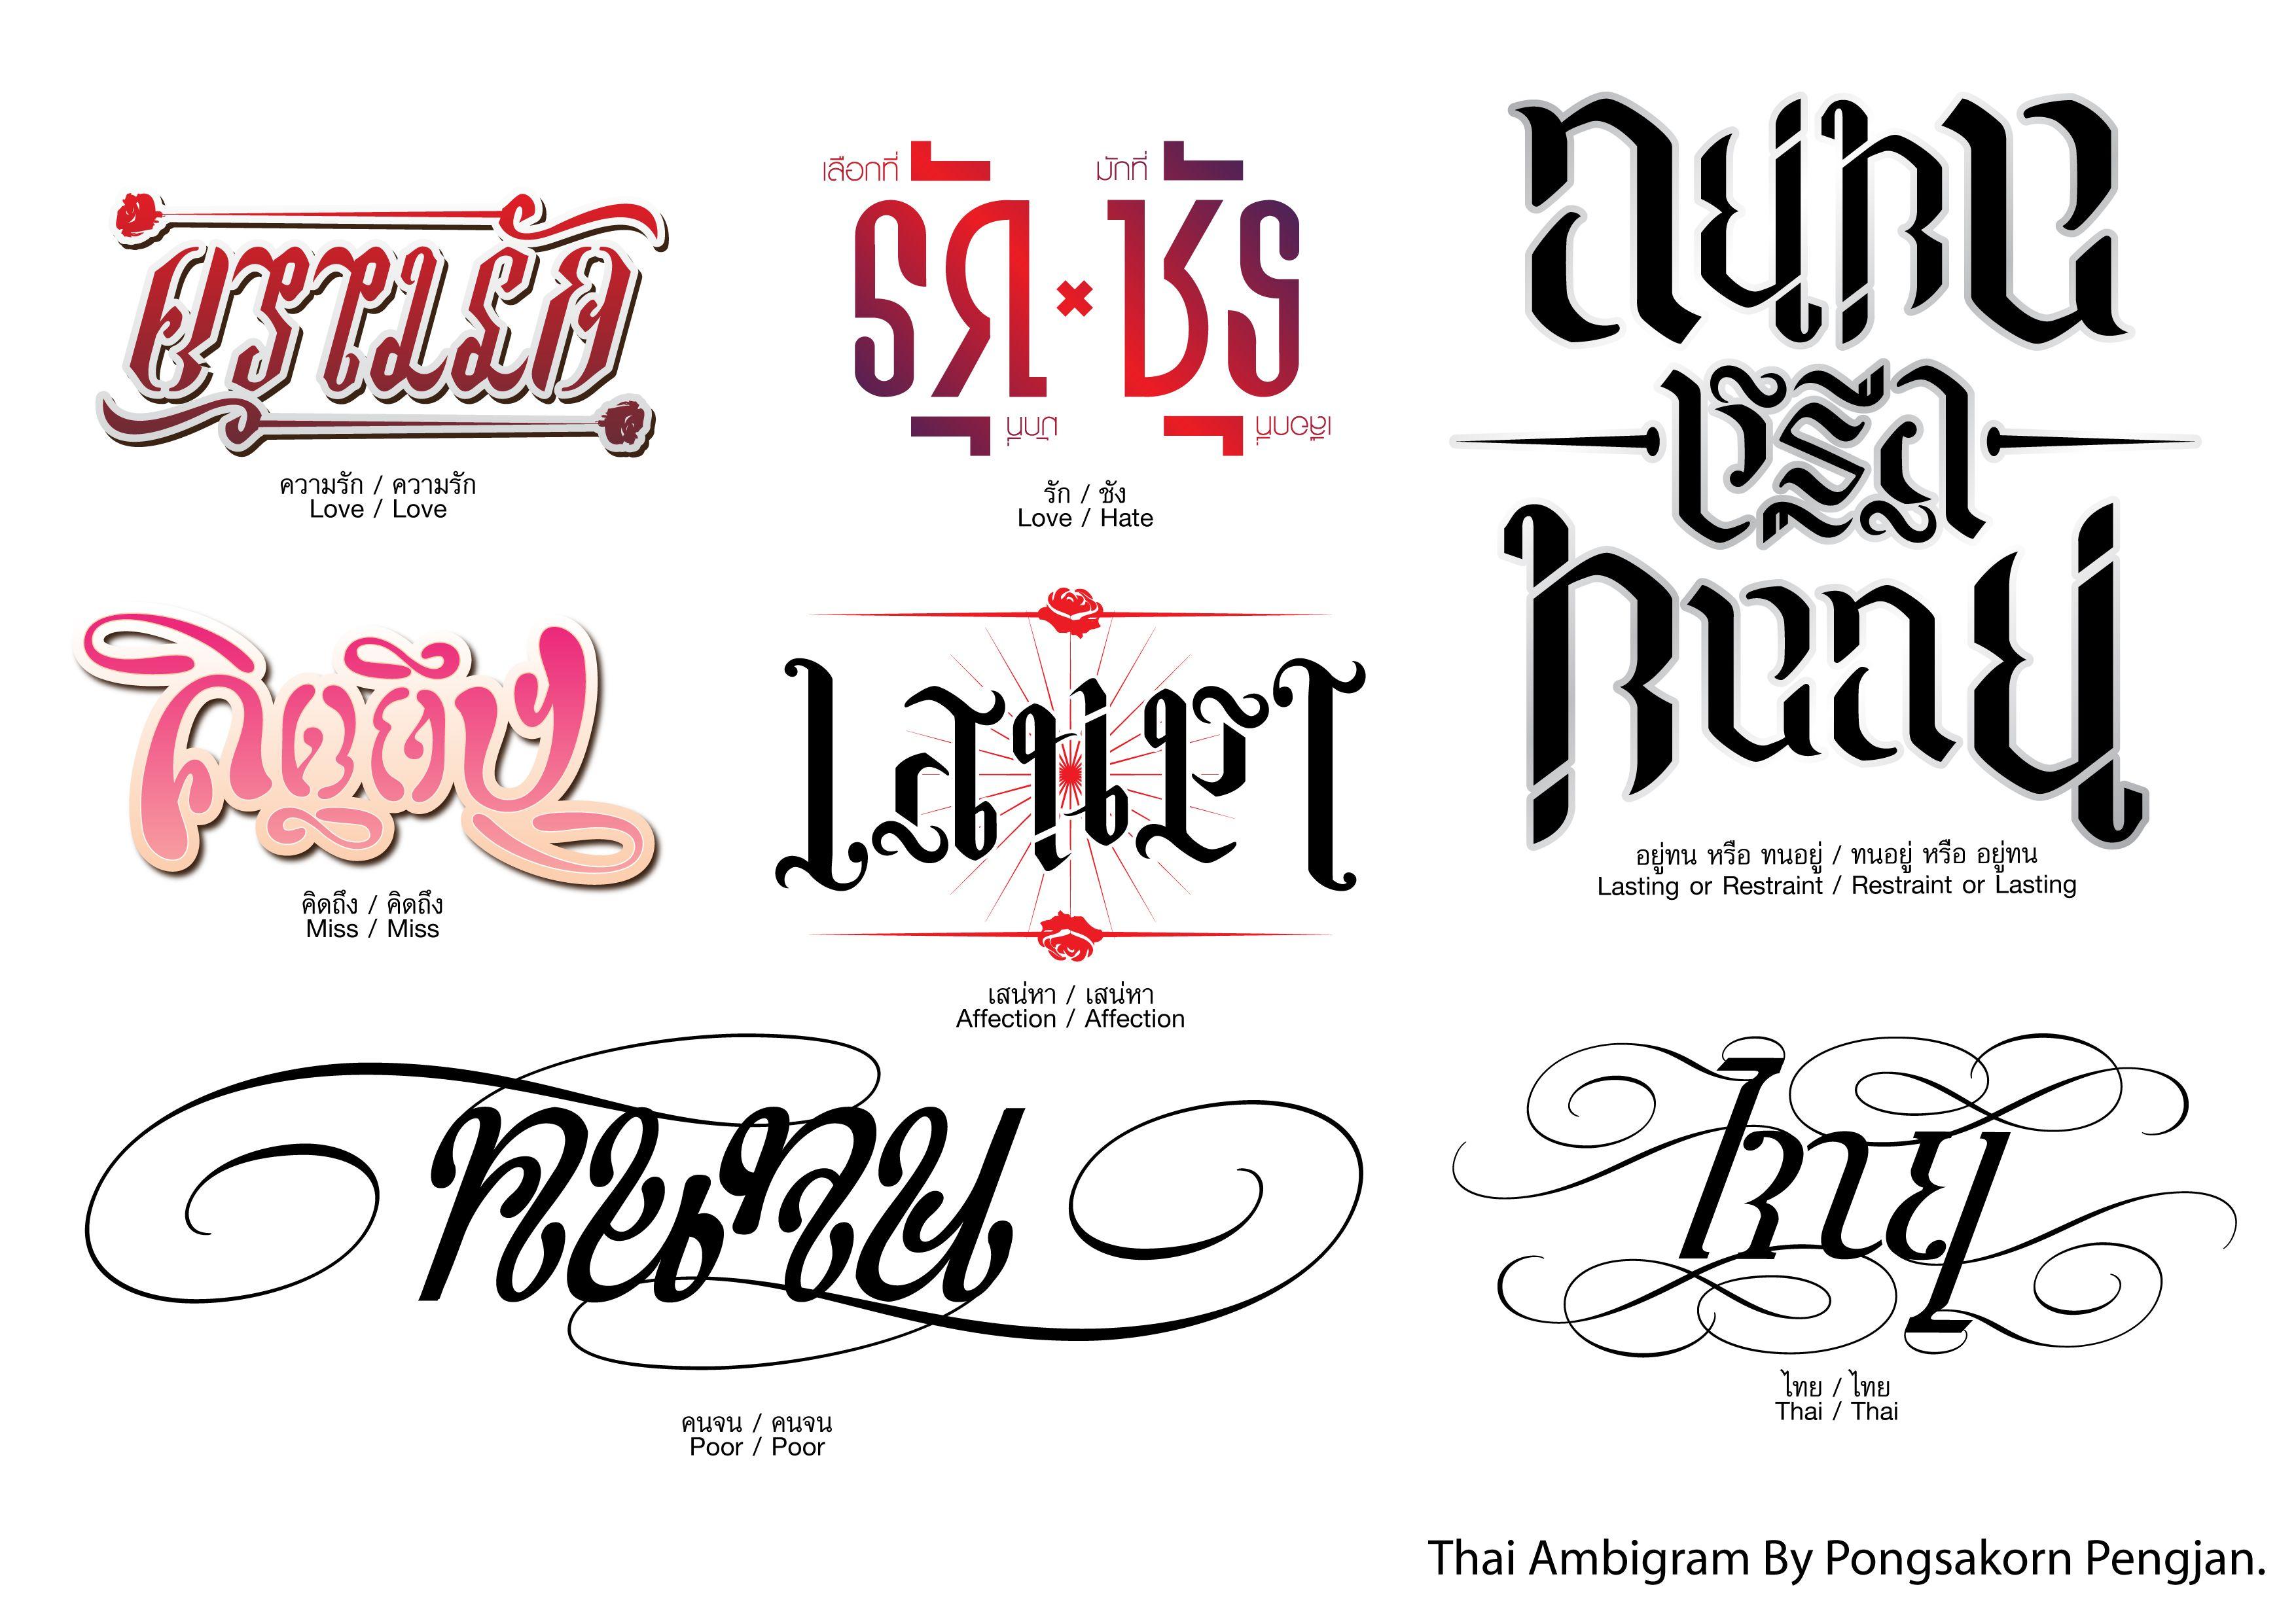 Thai Ambigram By Pongsakorn Pengjun หน งส อ การออกแบบโลโก คำคม